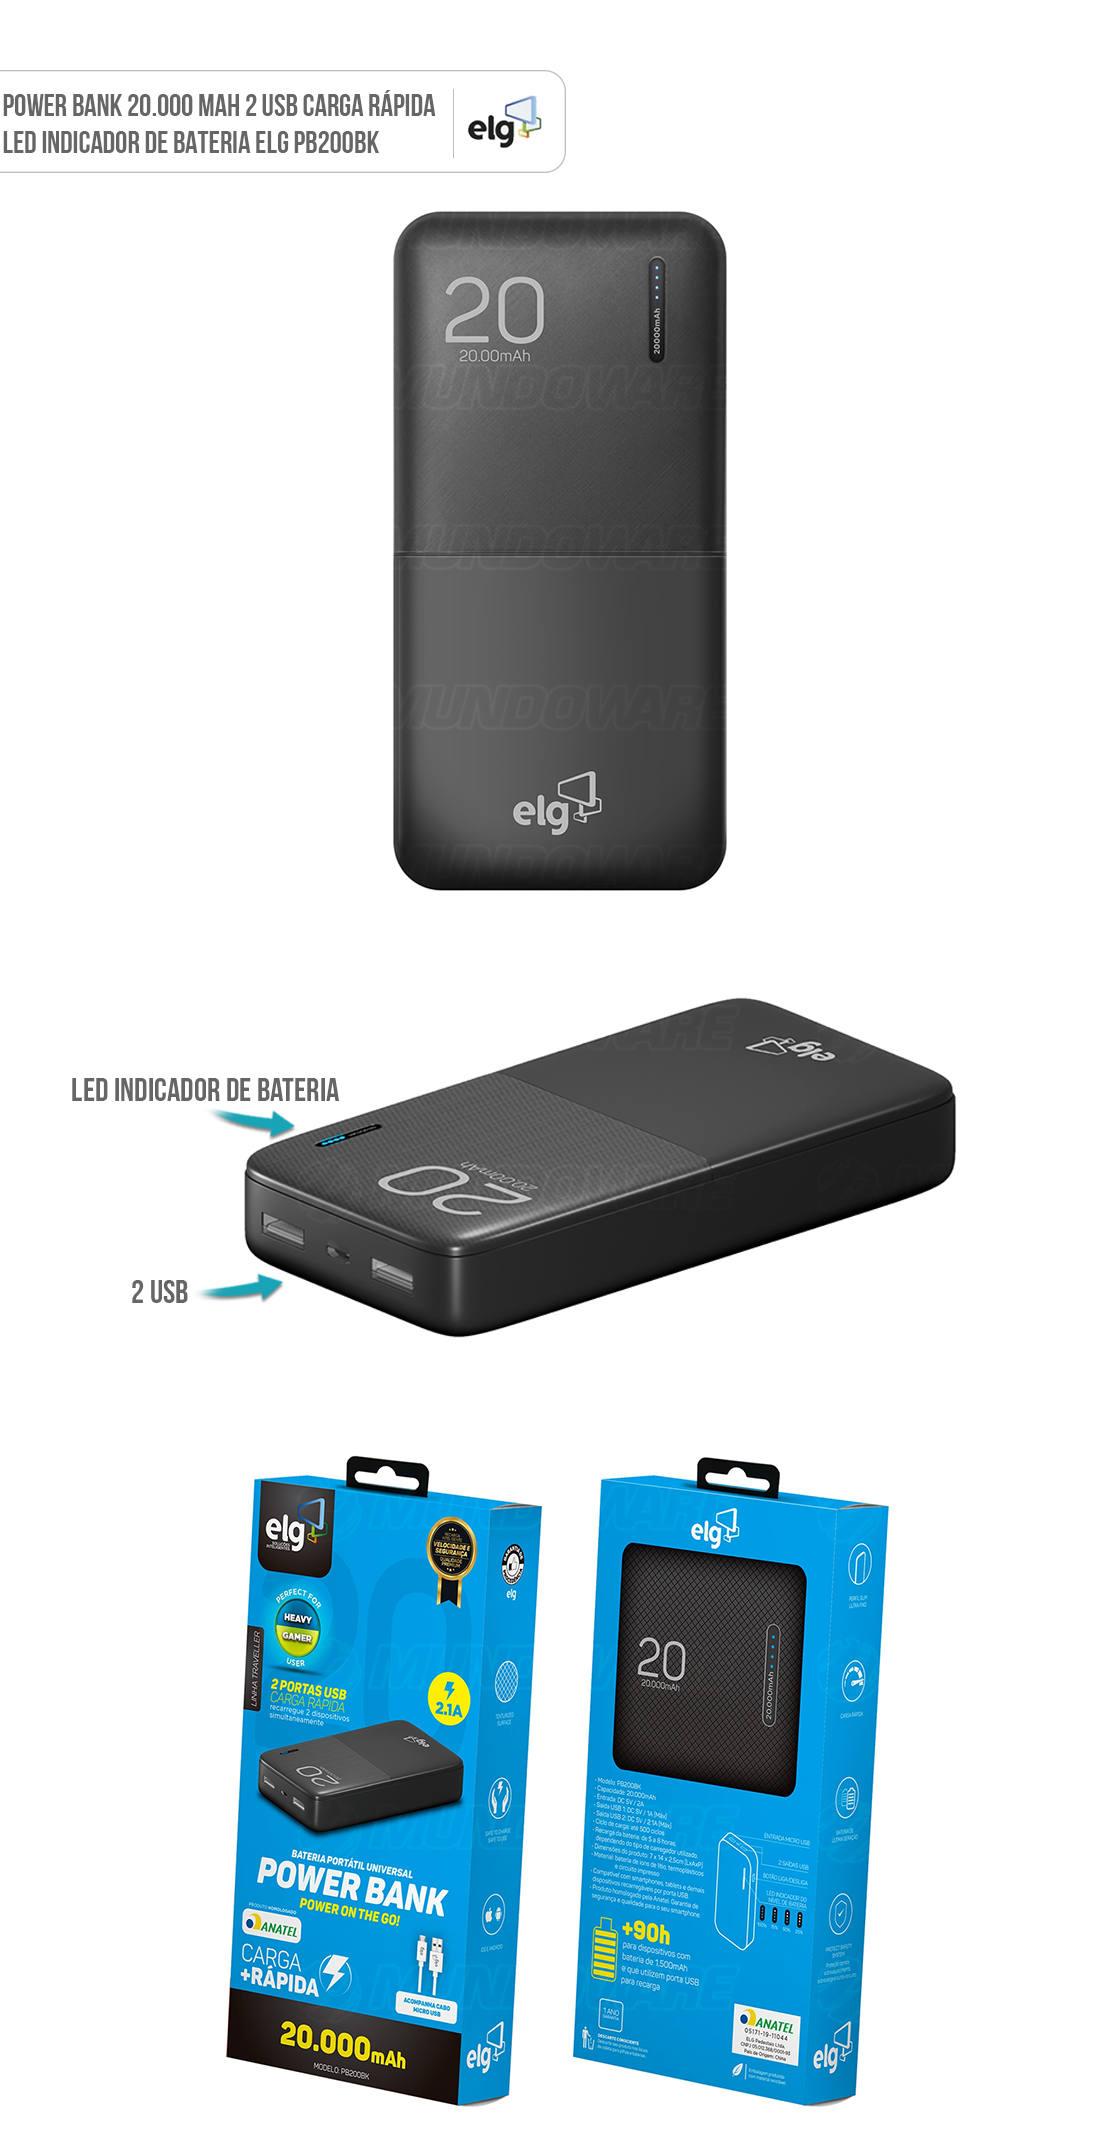 Power Bank 20.000mAh 2 USB LED indicador de Bateria Linha Traveller Homologado Anatel ELG PB200BK Preto